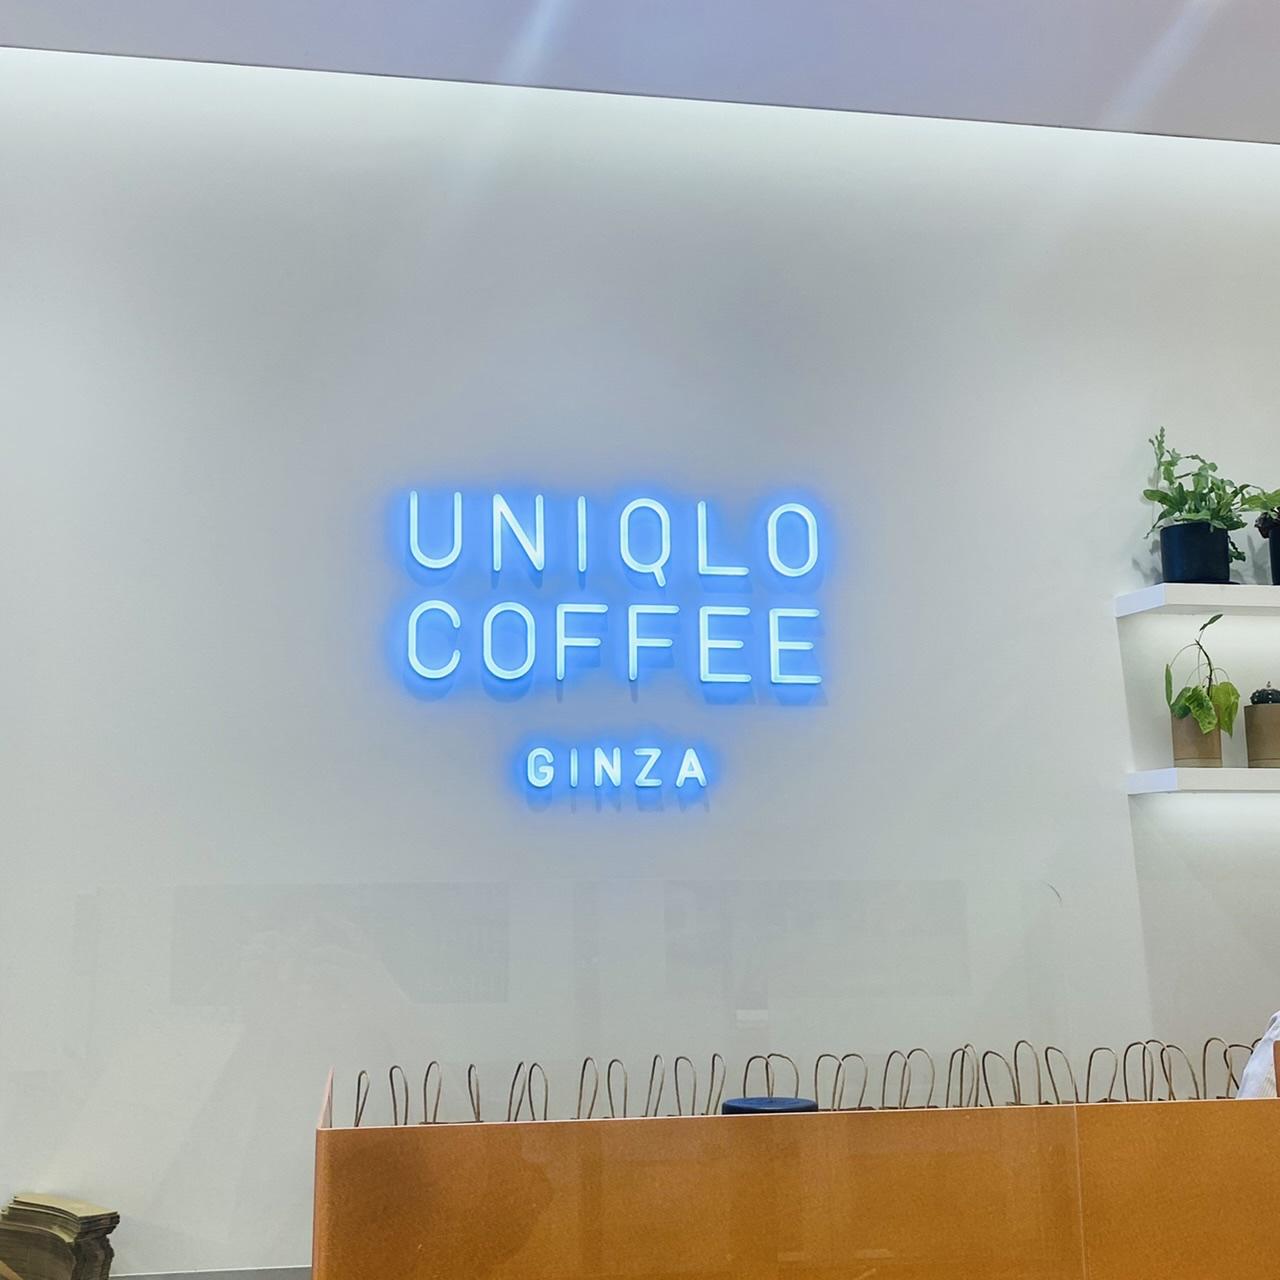 ユニクロコーヒー